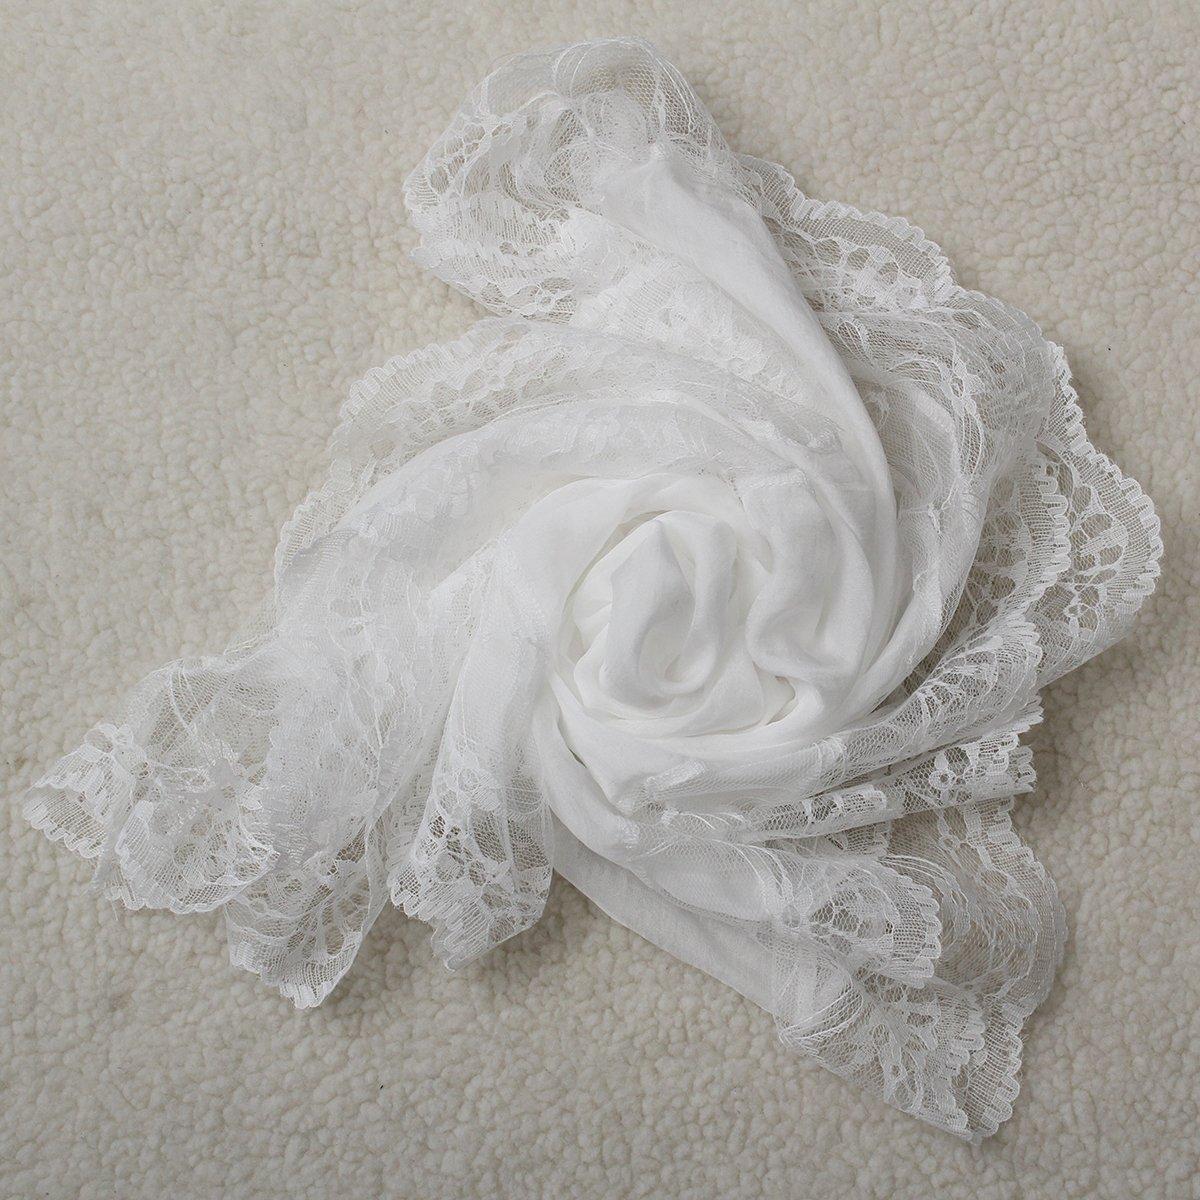 TKOH Woman   Scarves   Chiffon Lace   Scarf     Wrap     Scarf   white